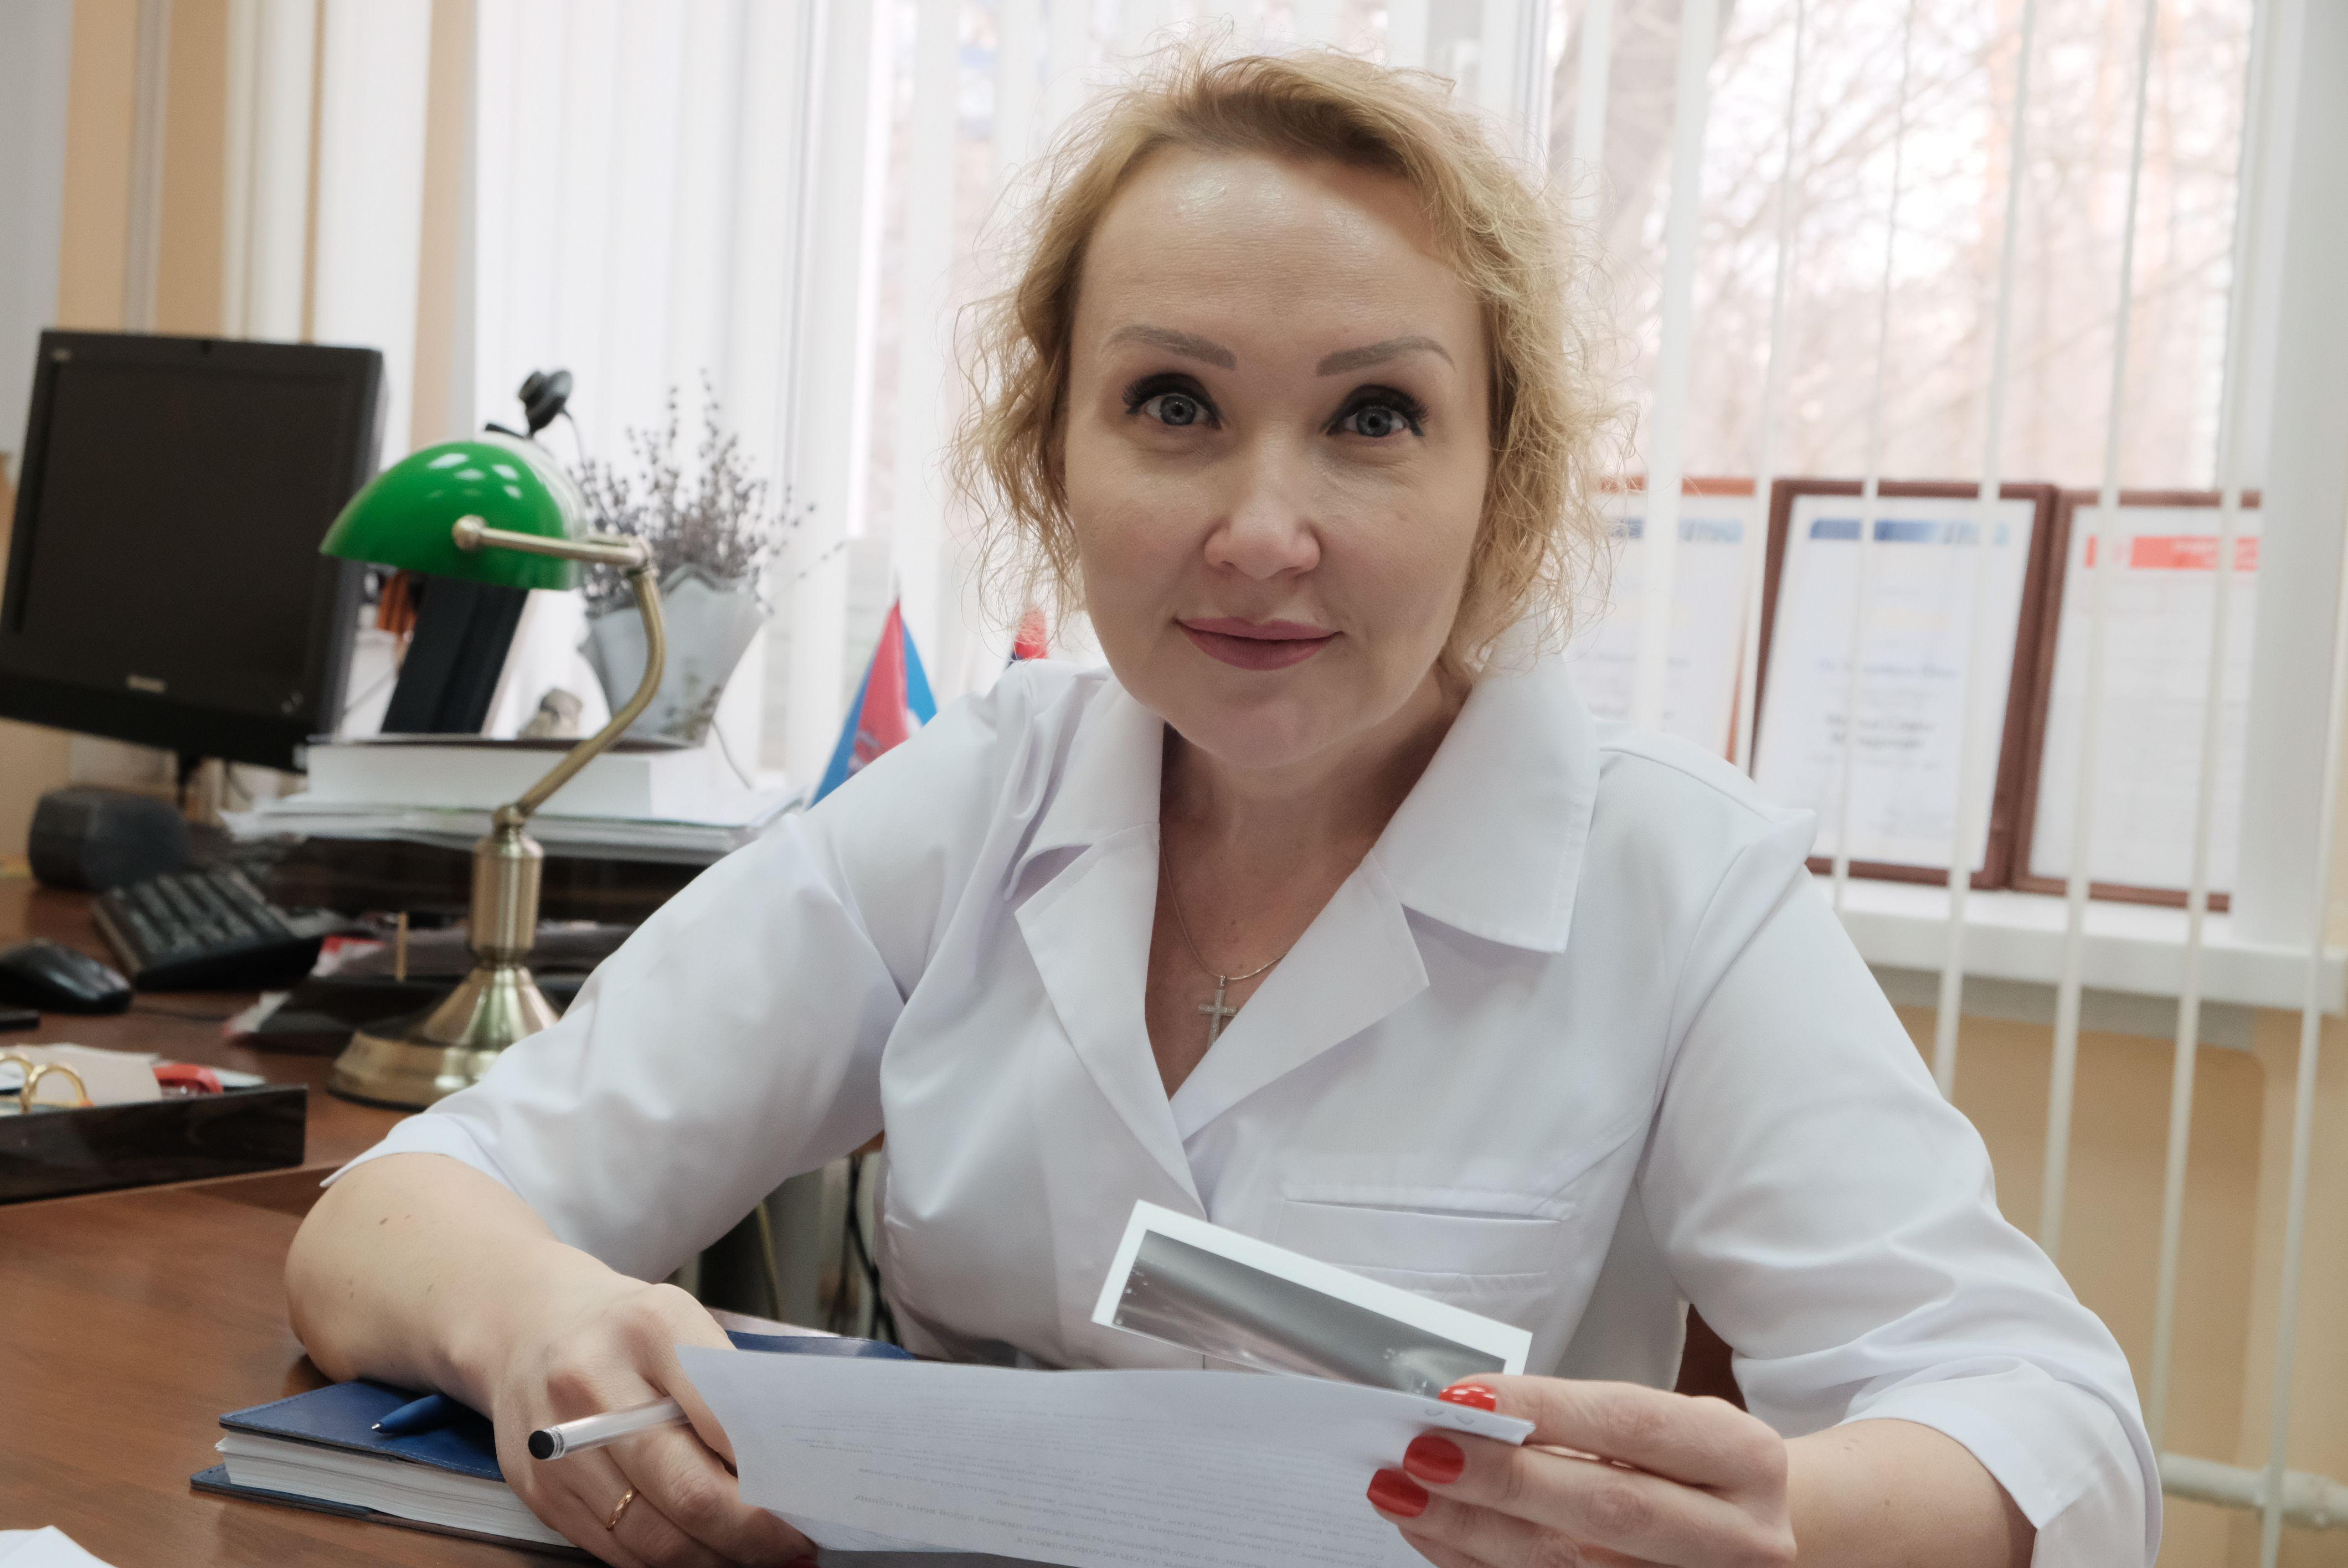 В Москве планируется внедритьновый стандарт онкологической помощи. Фото: Максим Аносов